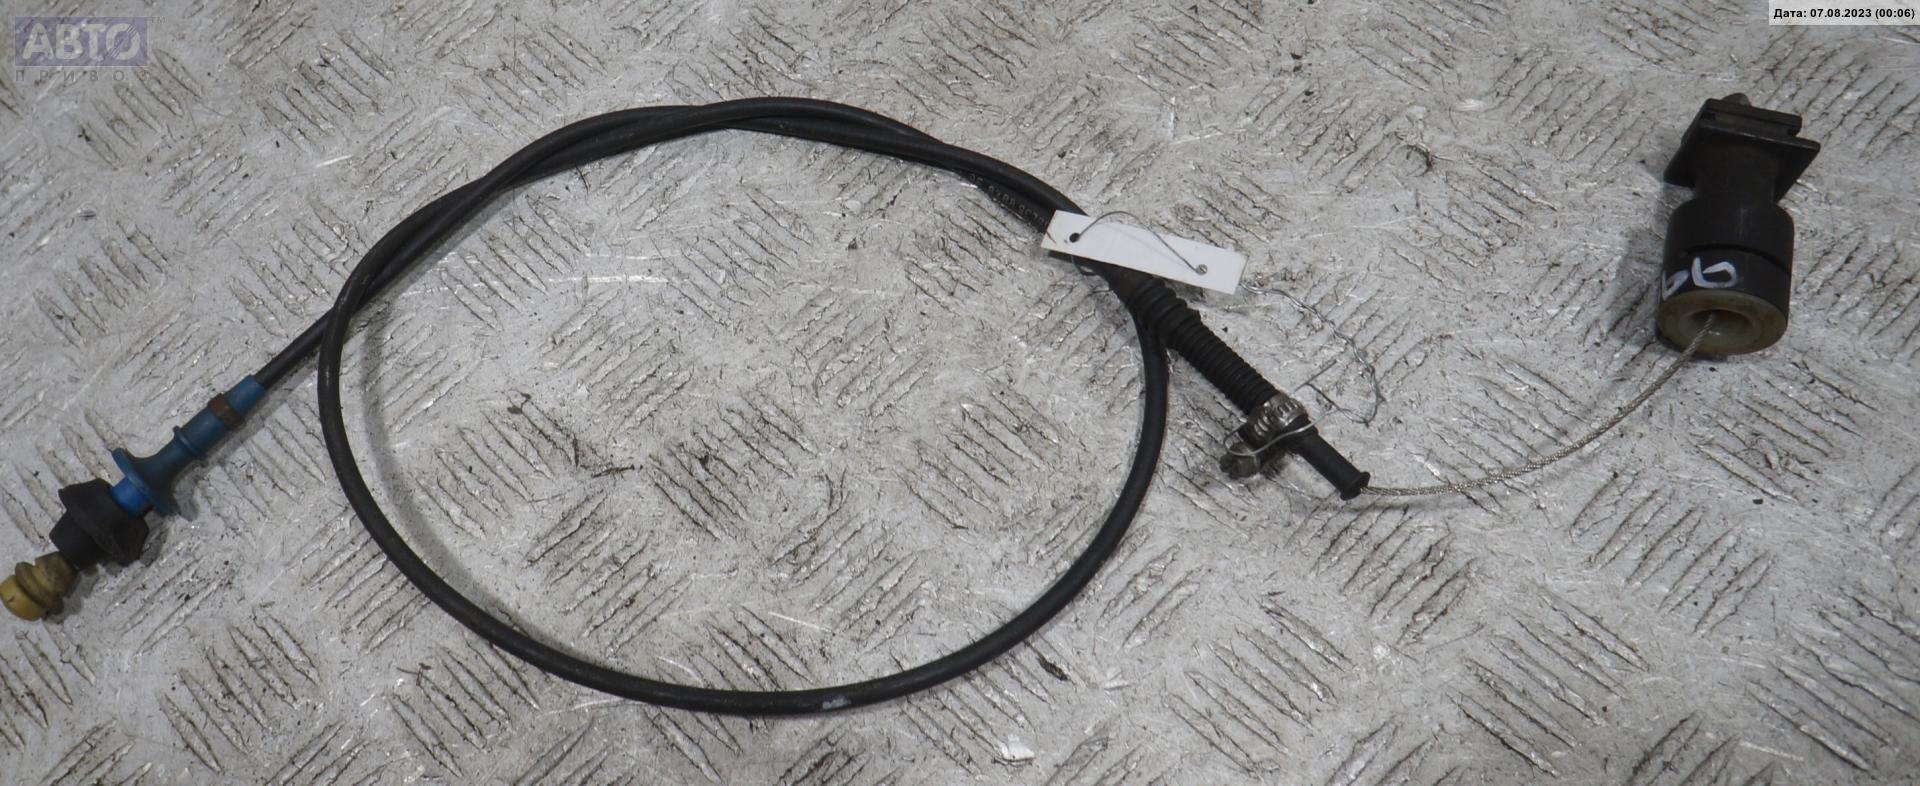 На замена форд газа мондео 1997 тросика